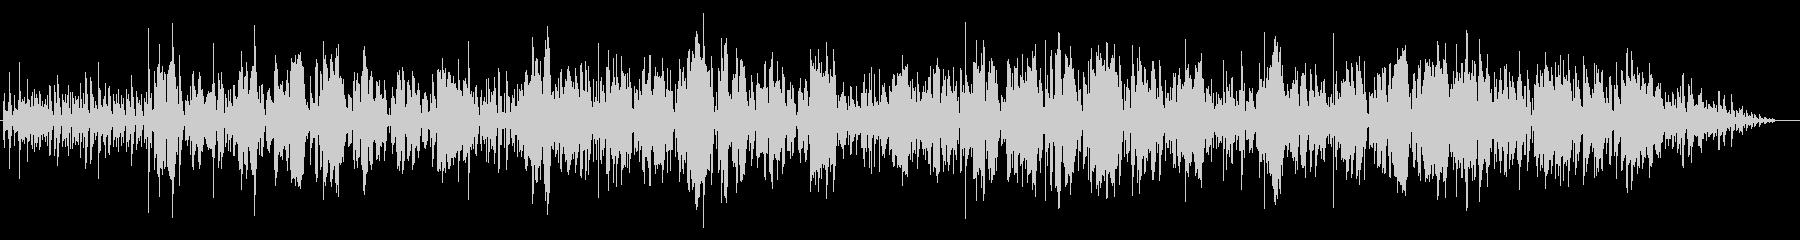 プロジャズ歌手のスコットランド民謡カバーの未再生の波形